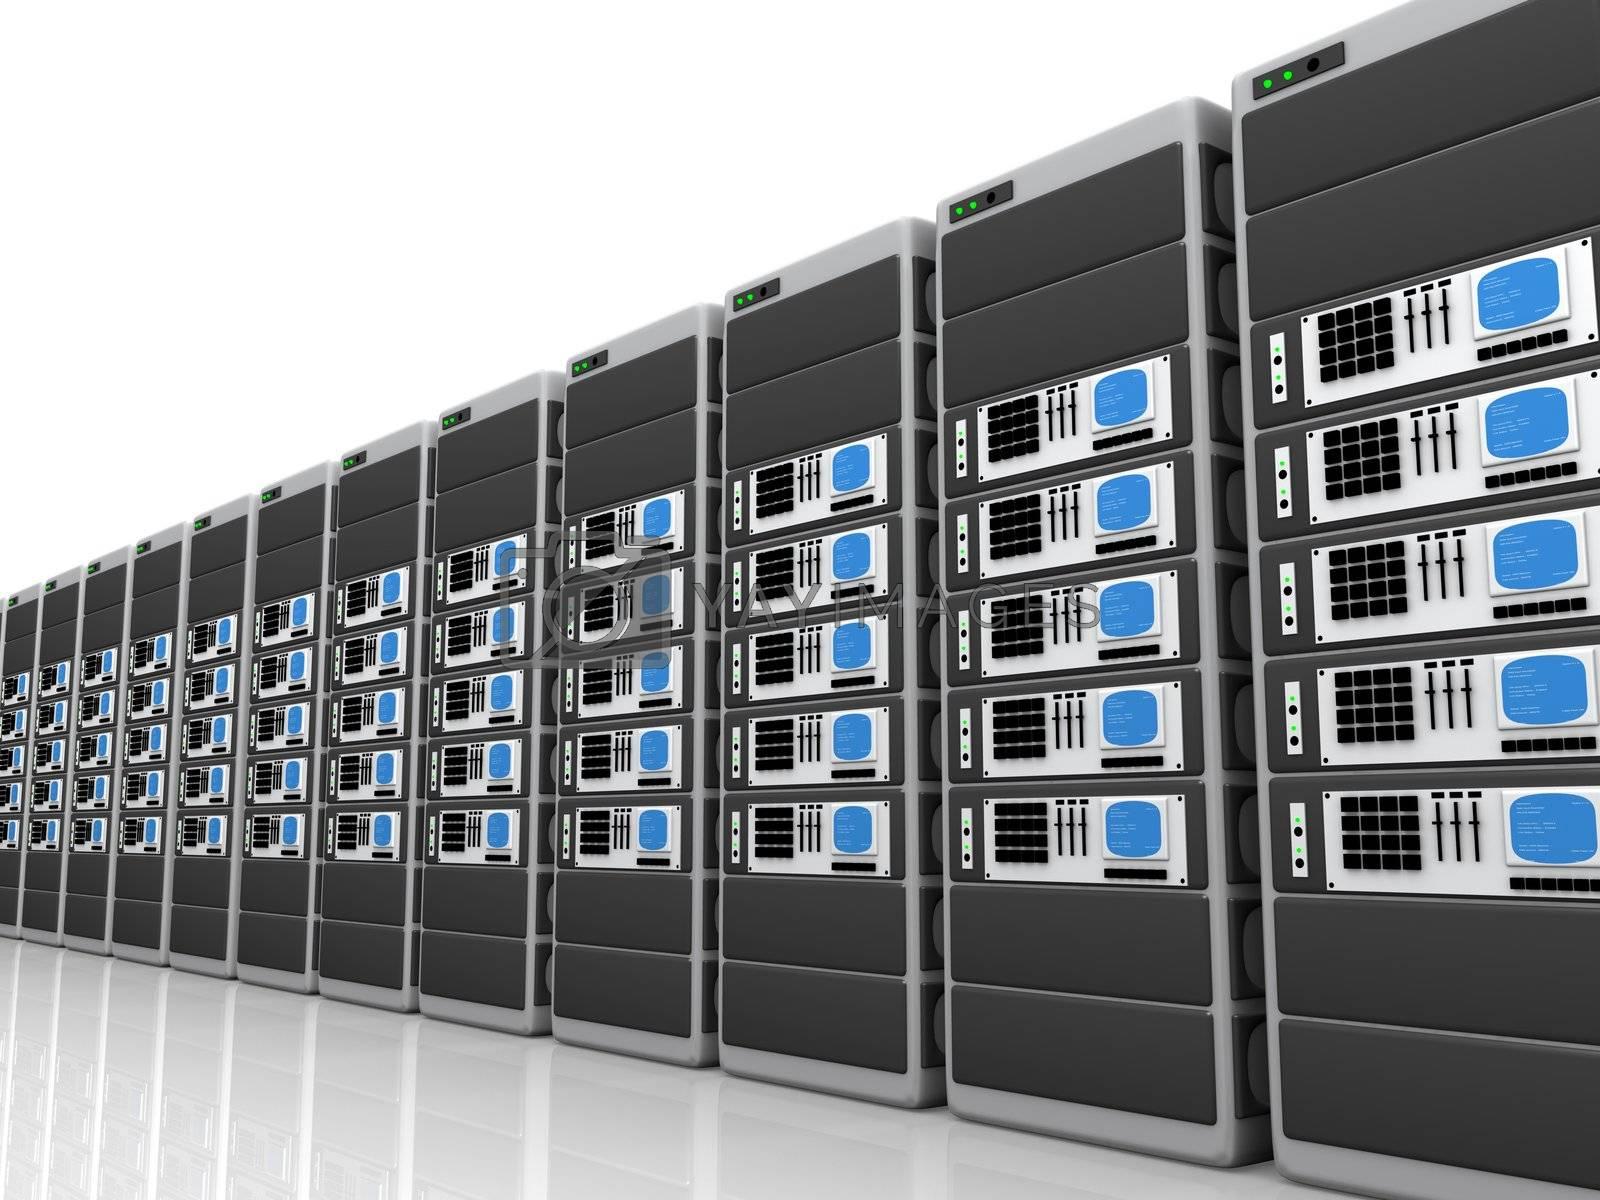 3d server by 3pod